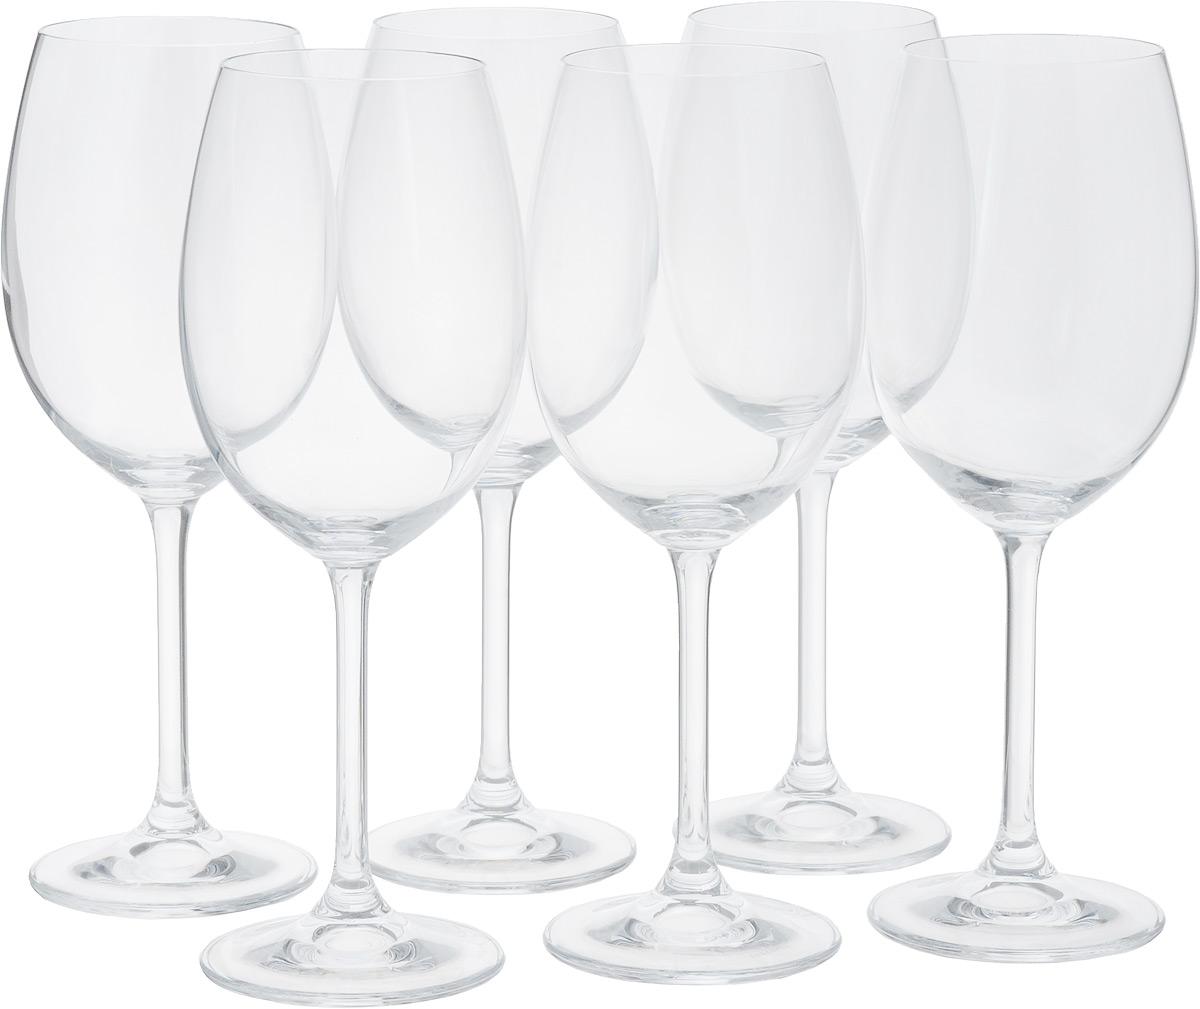 Набор бокалов для красного вина Tescoma Charlie, 450мл, 6шт306422Набор Tescoma Charlie состоит из 6 бокалов, выполненных из прочногонатрий-кальций-силикатного стекла. Изделия оснащенывысокими ножками и предназначены для подачи красного вина. Онисочетают в себе элегантный дизайн и функциональность.Набор бокалов Tescoma Charlie прекрасно оформит праздничный стол и создастприятную атмосферу за романтическим ужином. Такой набор также станетхорошим подарком к любому случаю. Можно мыть в посудомоечной машине. Высота бокала: 22,5 см. Диаметр бокала (по верхнему краю): 6 см.